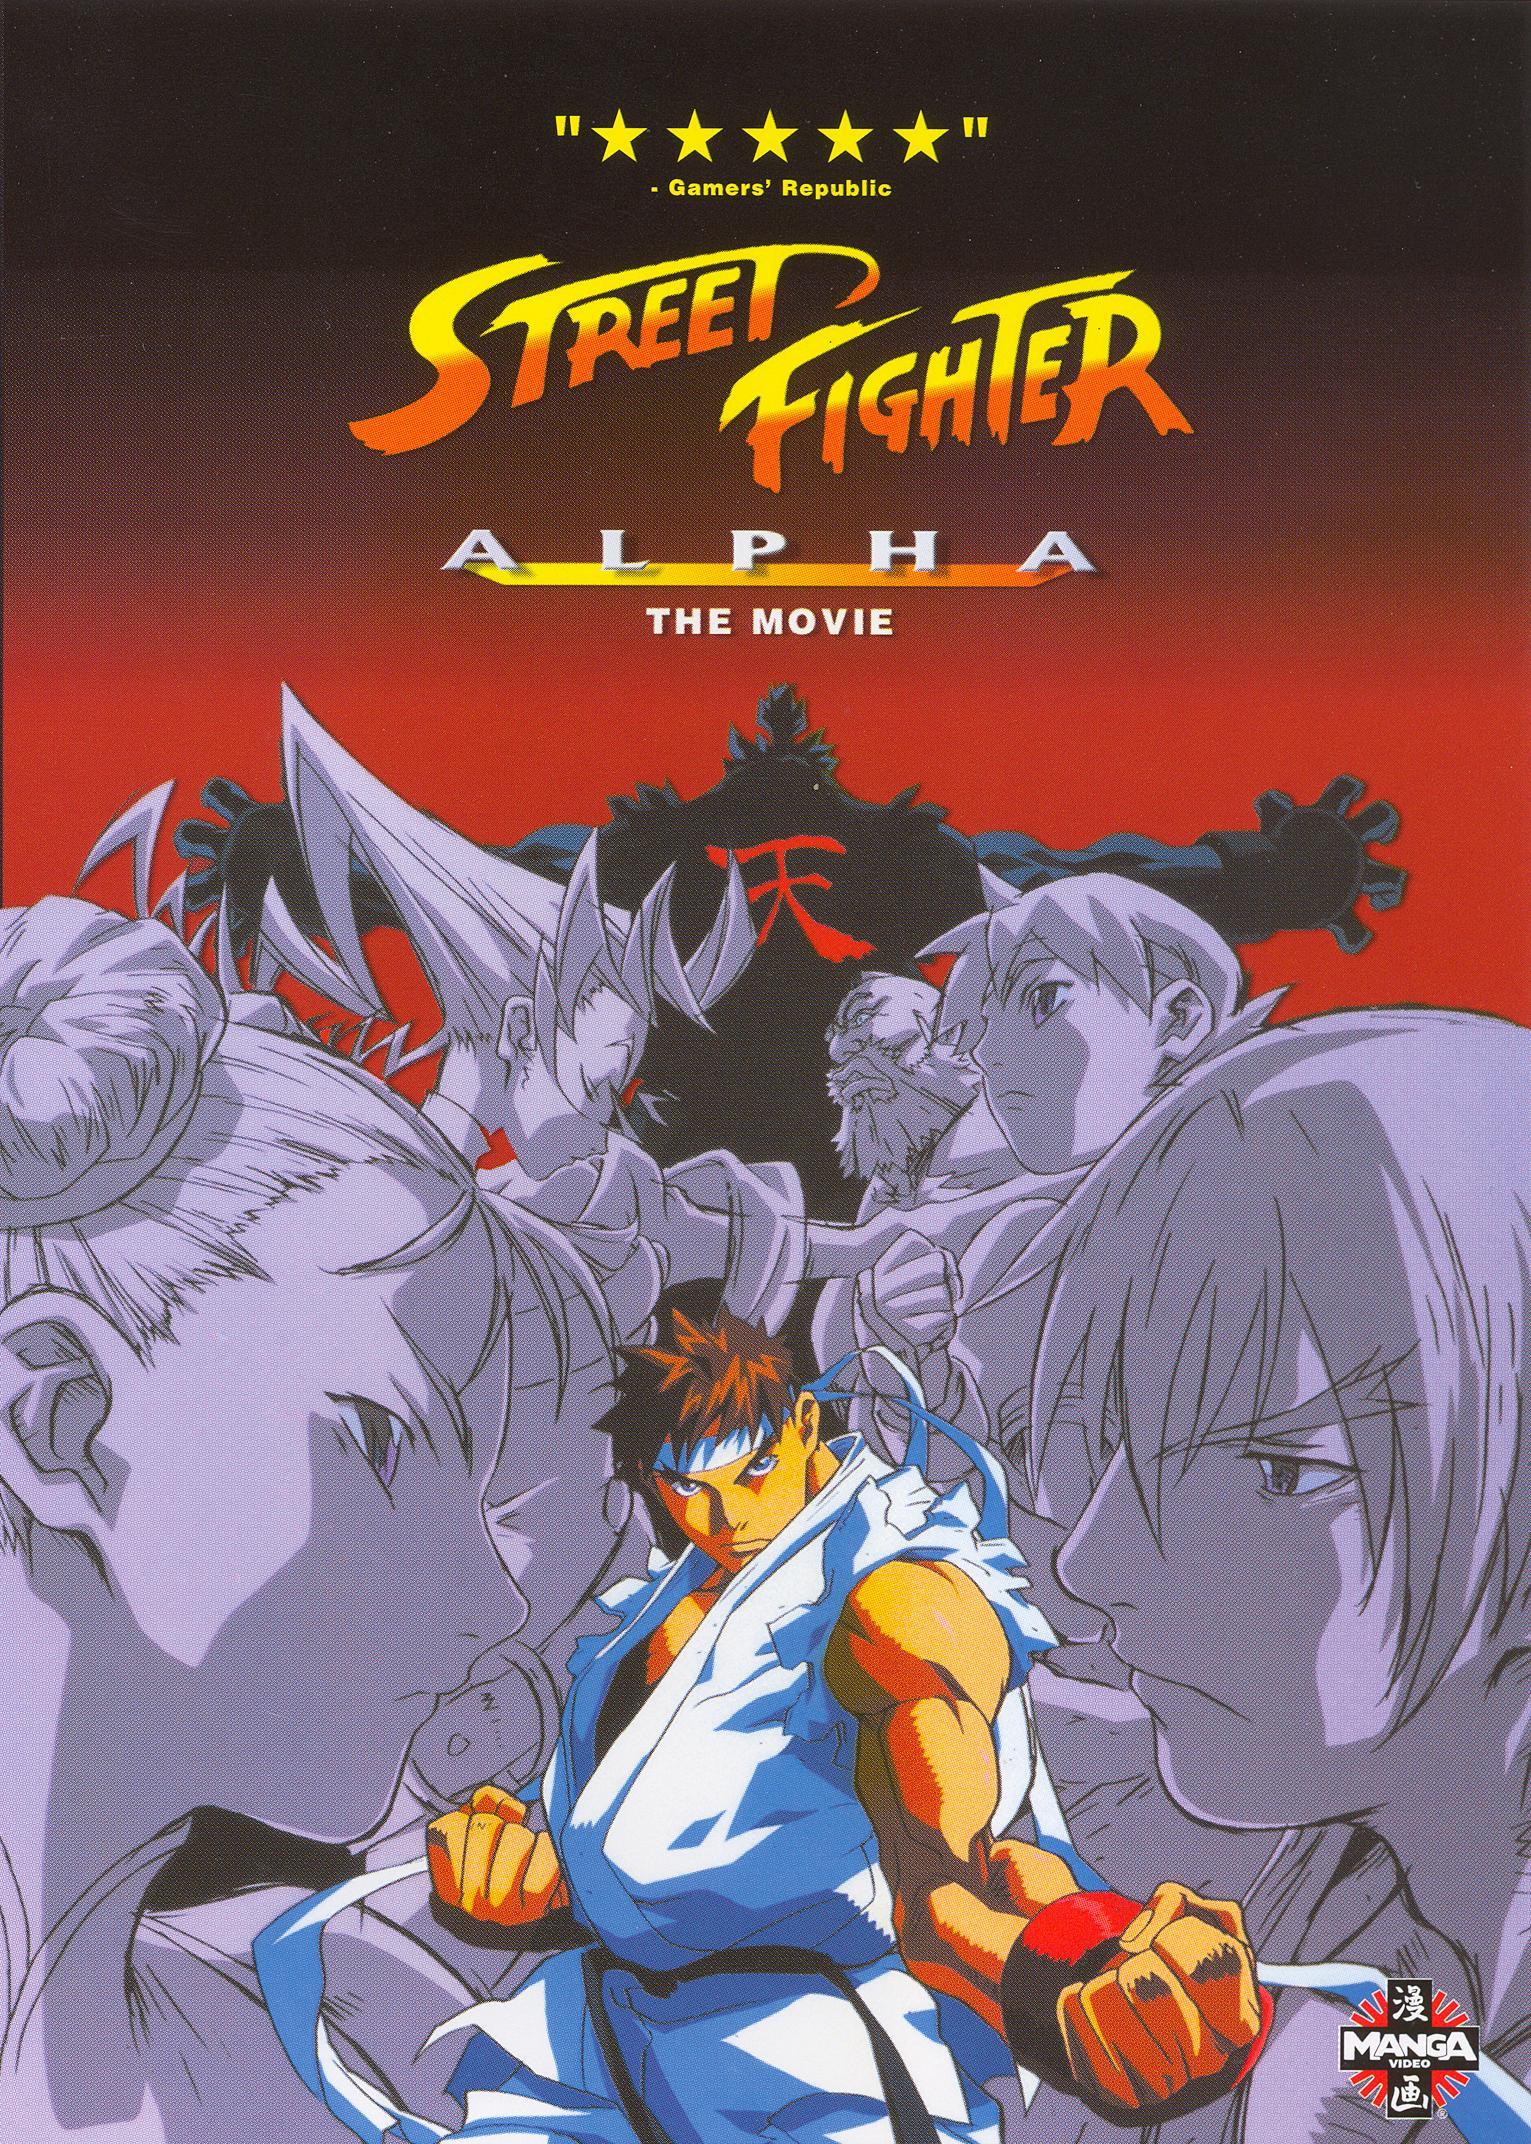 Street Fighter Alpha (2000)